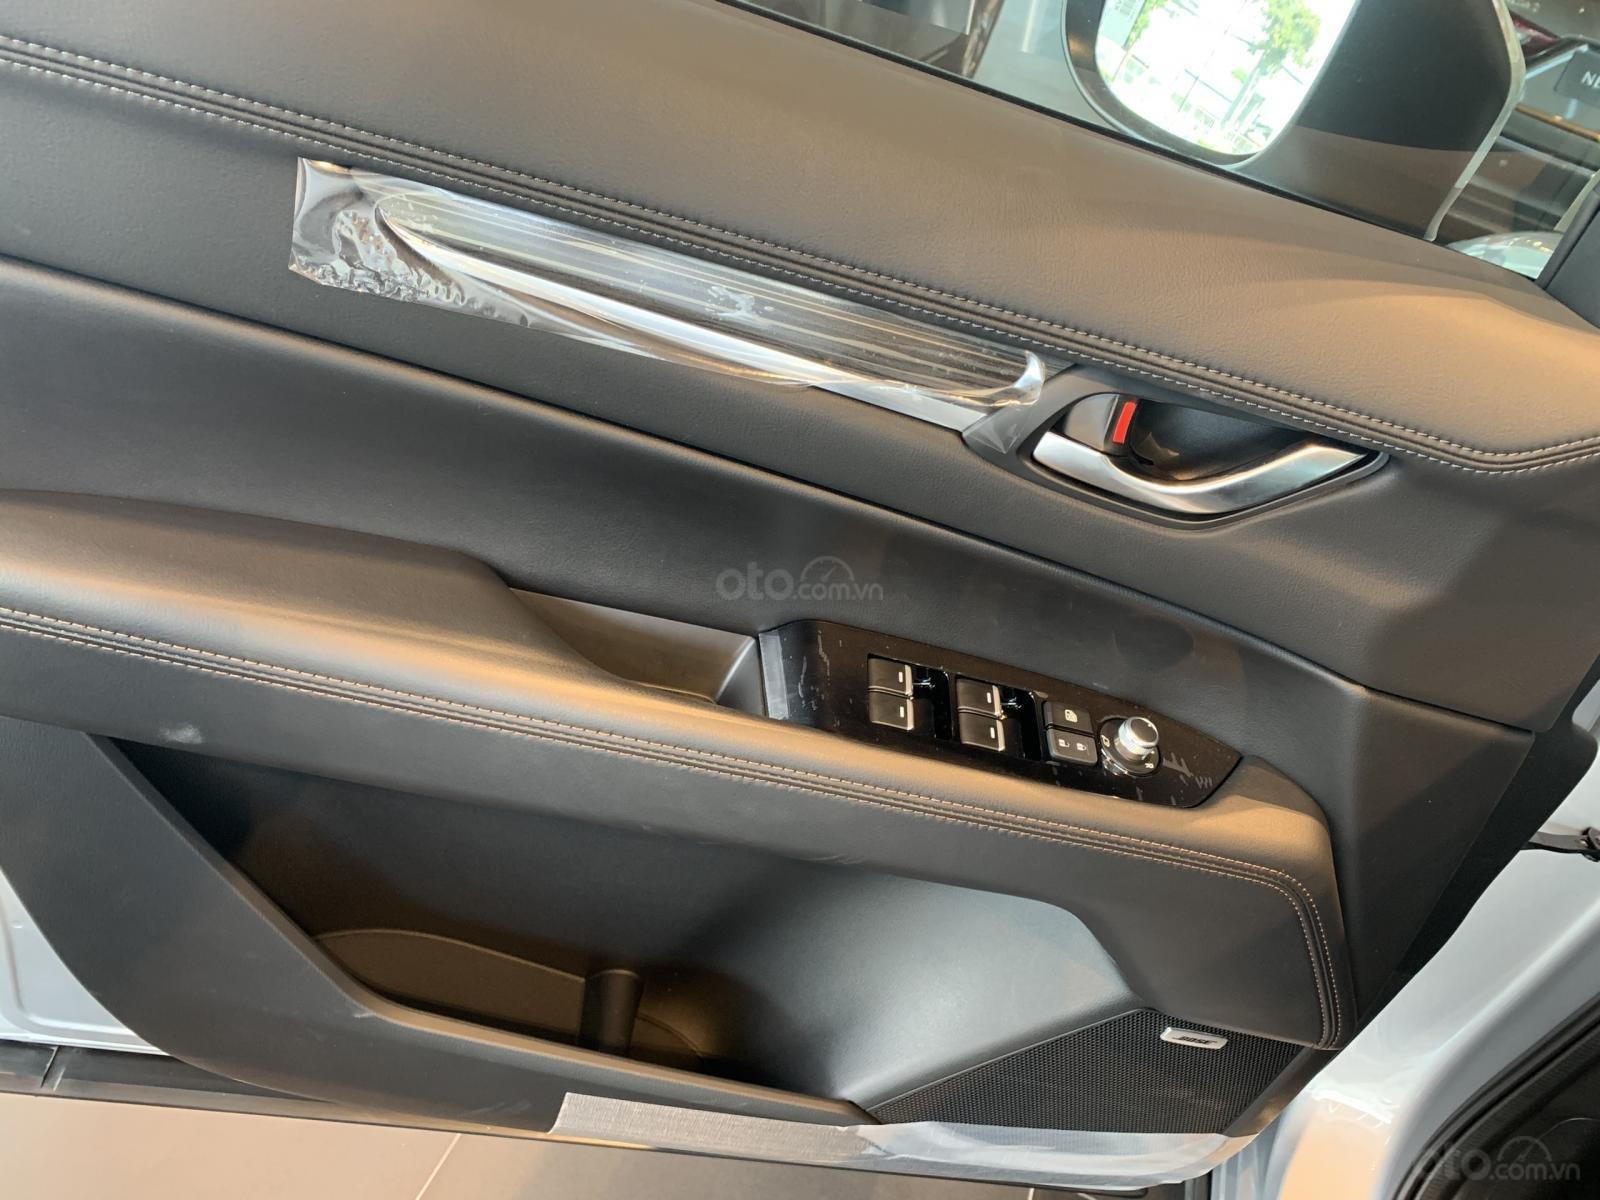 New Mazda CX-5 Premium NO-A - Ưu đãi 140 triệu + giảm 5% TTB + tặng BHVC xe+ gói phụ kiện chính hãng (9)